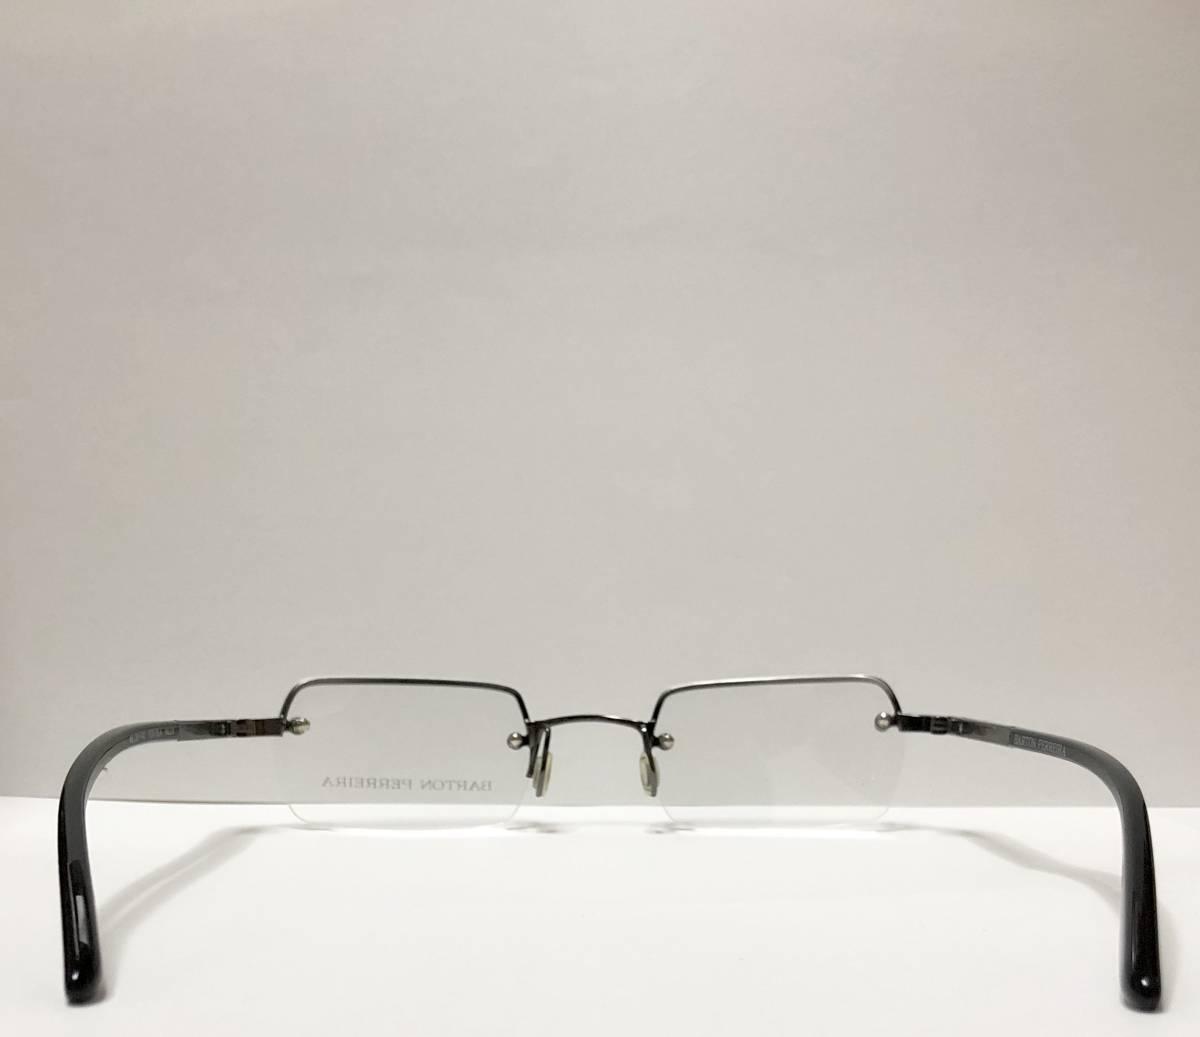 定価 84000円 バートンペレイラ ヘリックス 正規日本製 六角形レンズ 黒・シルバー メガネ 純正ケース付き Barton Perreira 米国ブランド_画像7